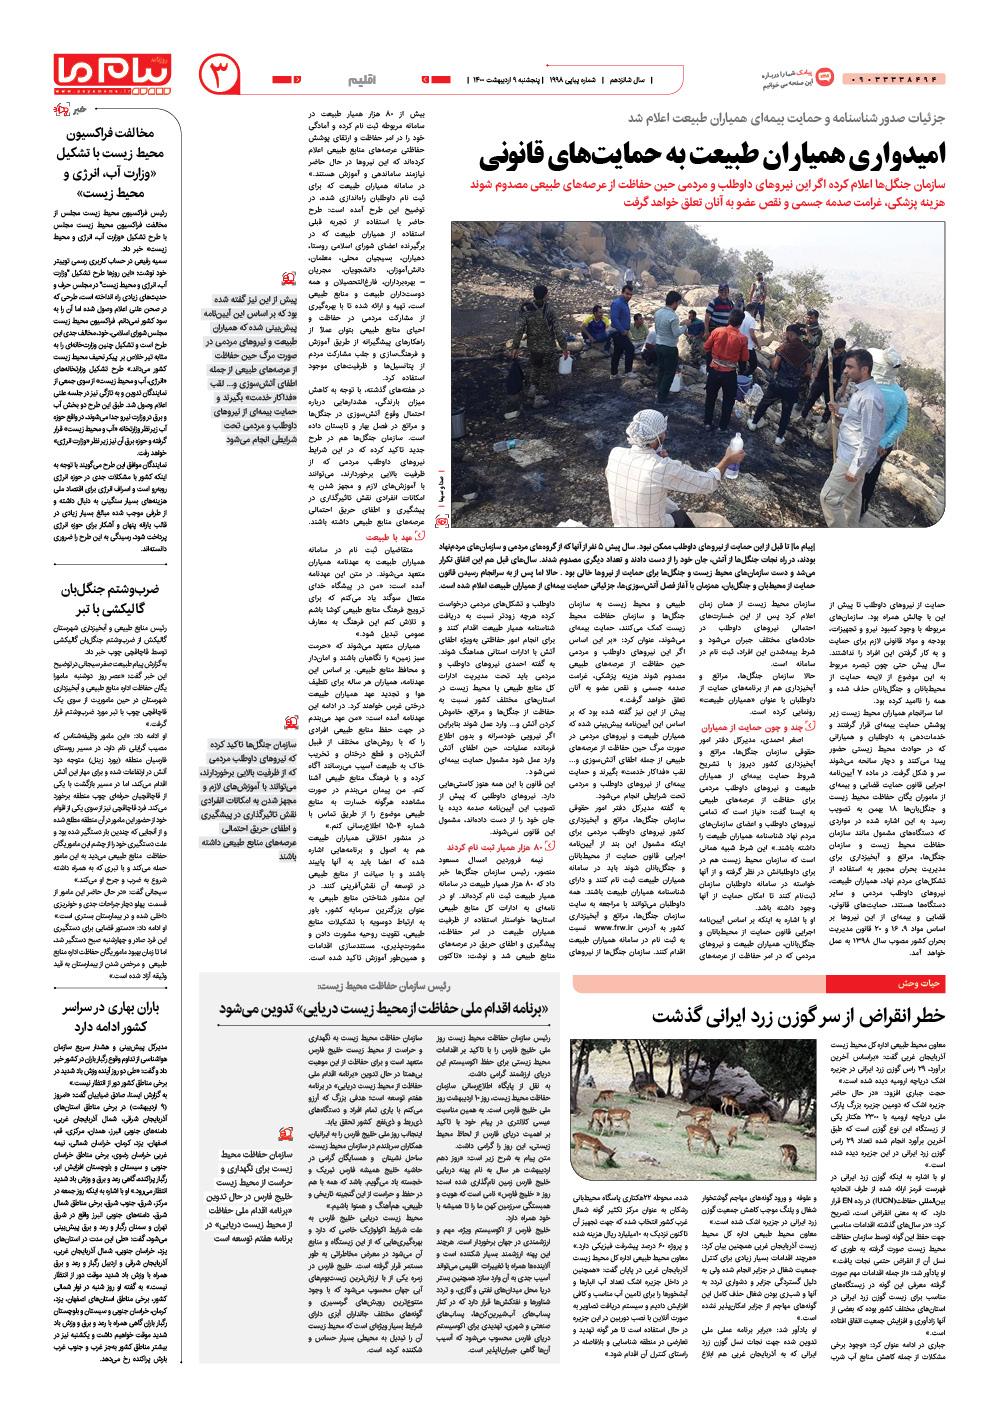 صفحه اقلیم شماره ۱۹۹۸ روزنامه پیام ما